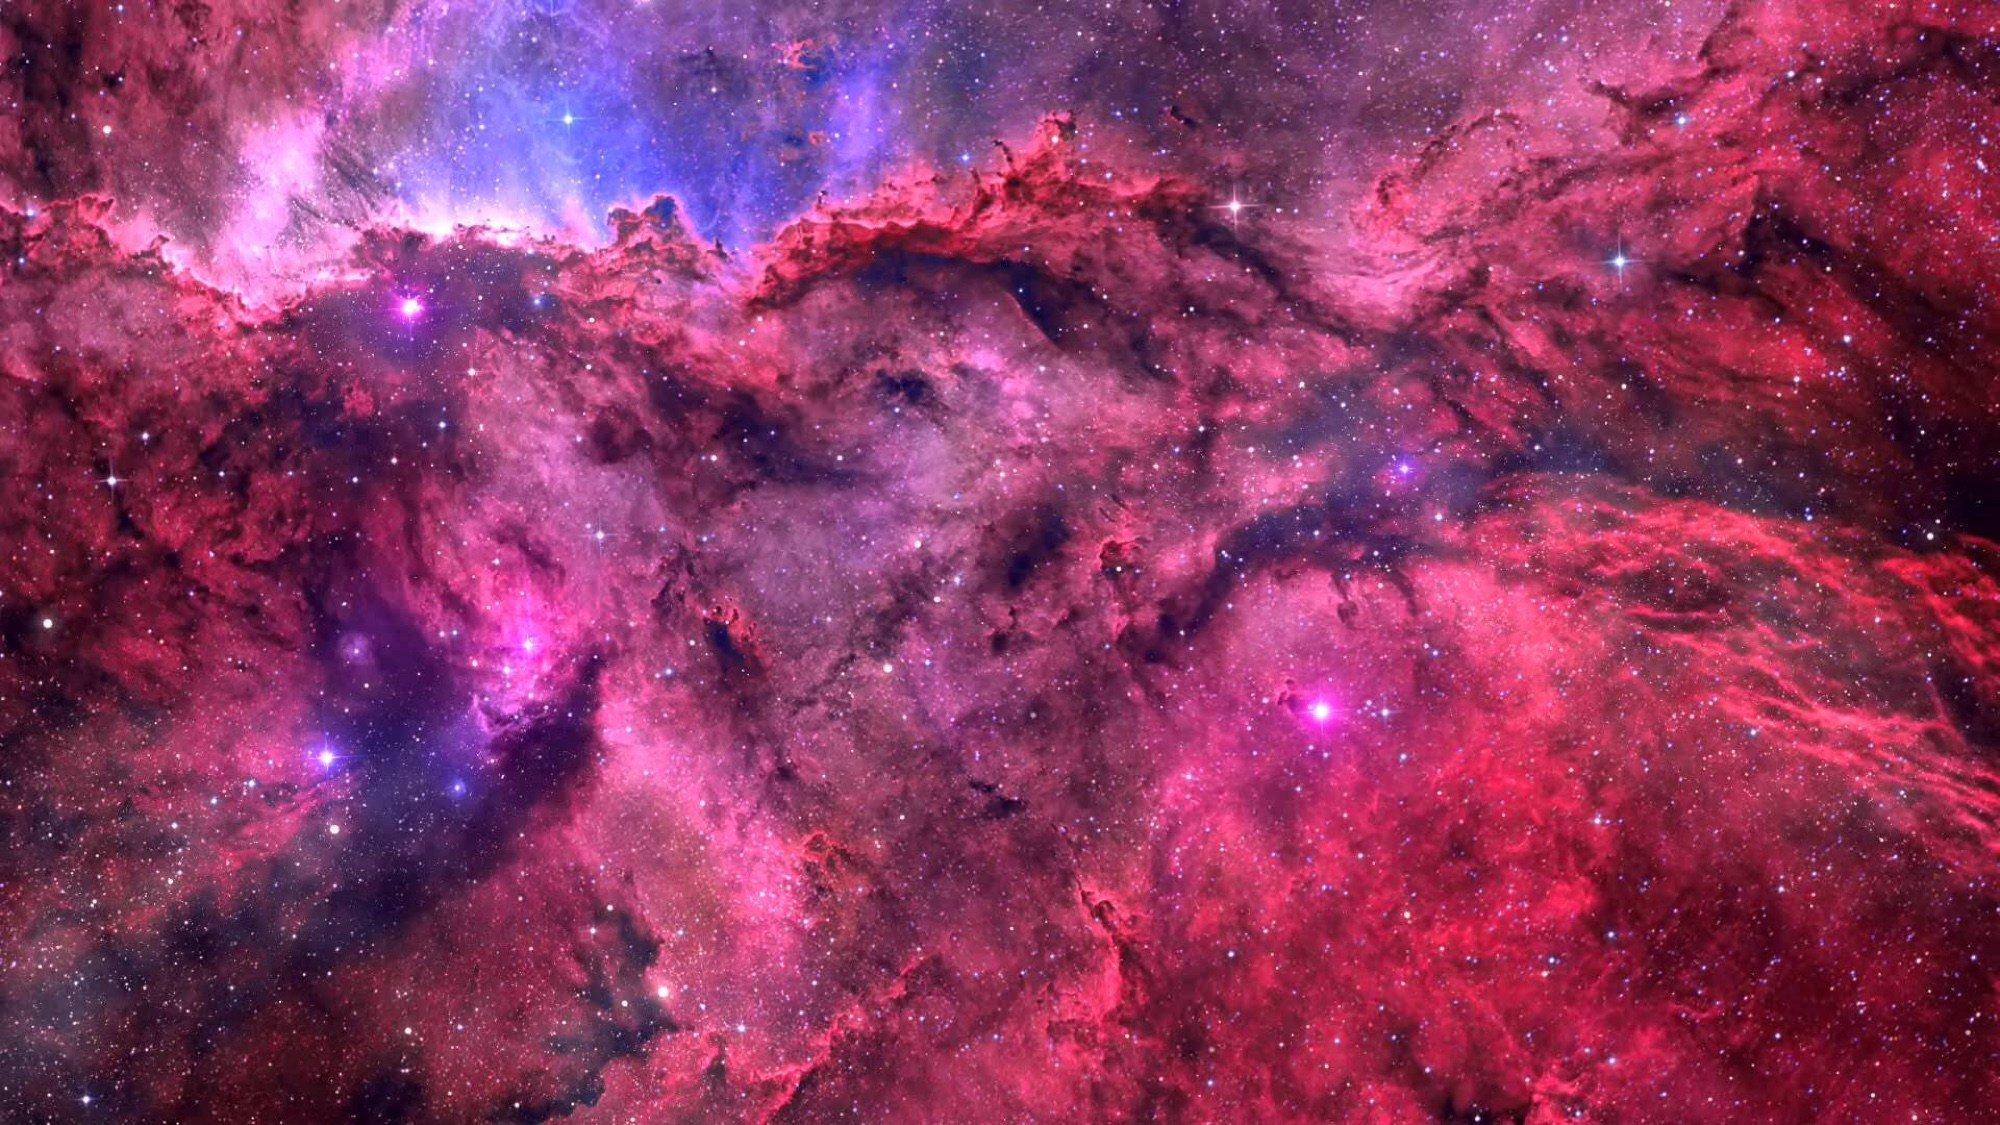 красивые фото картинки космос на телефон эти